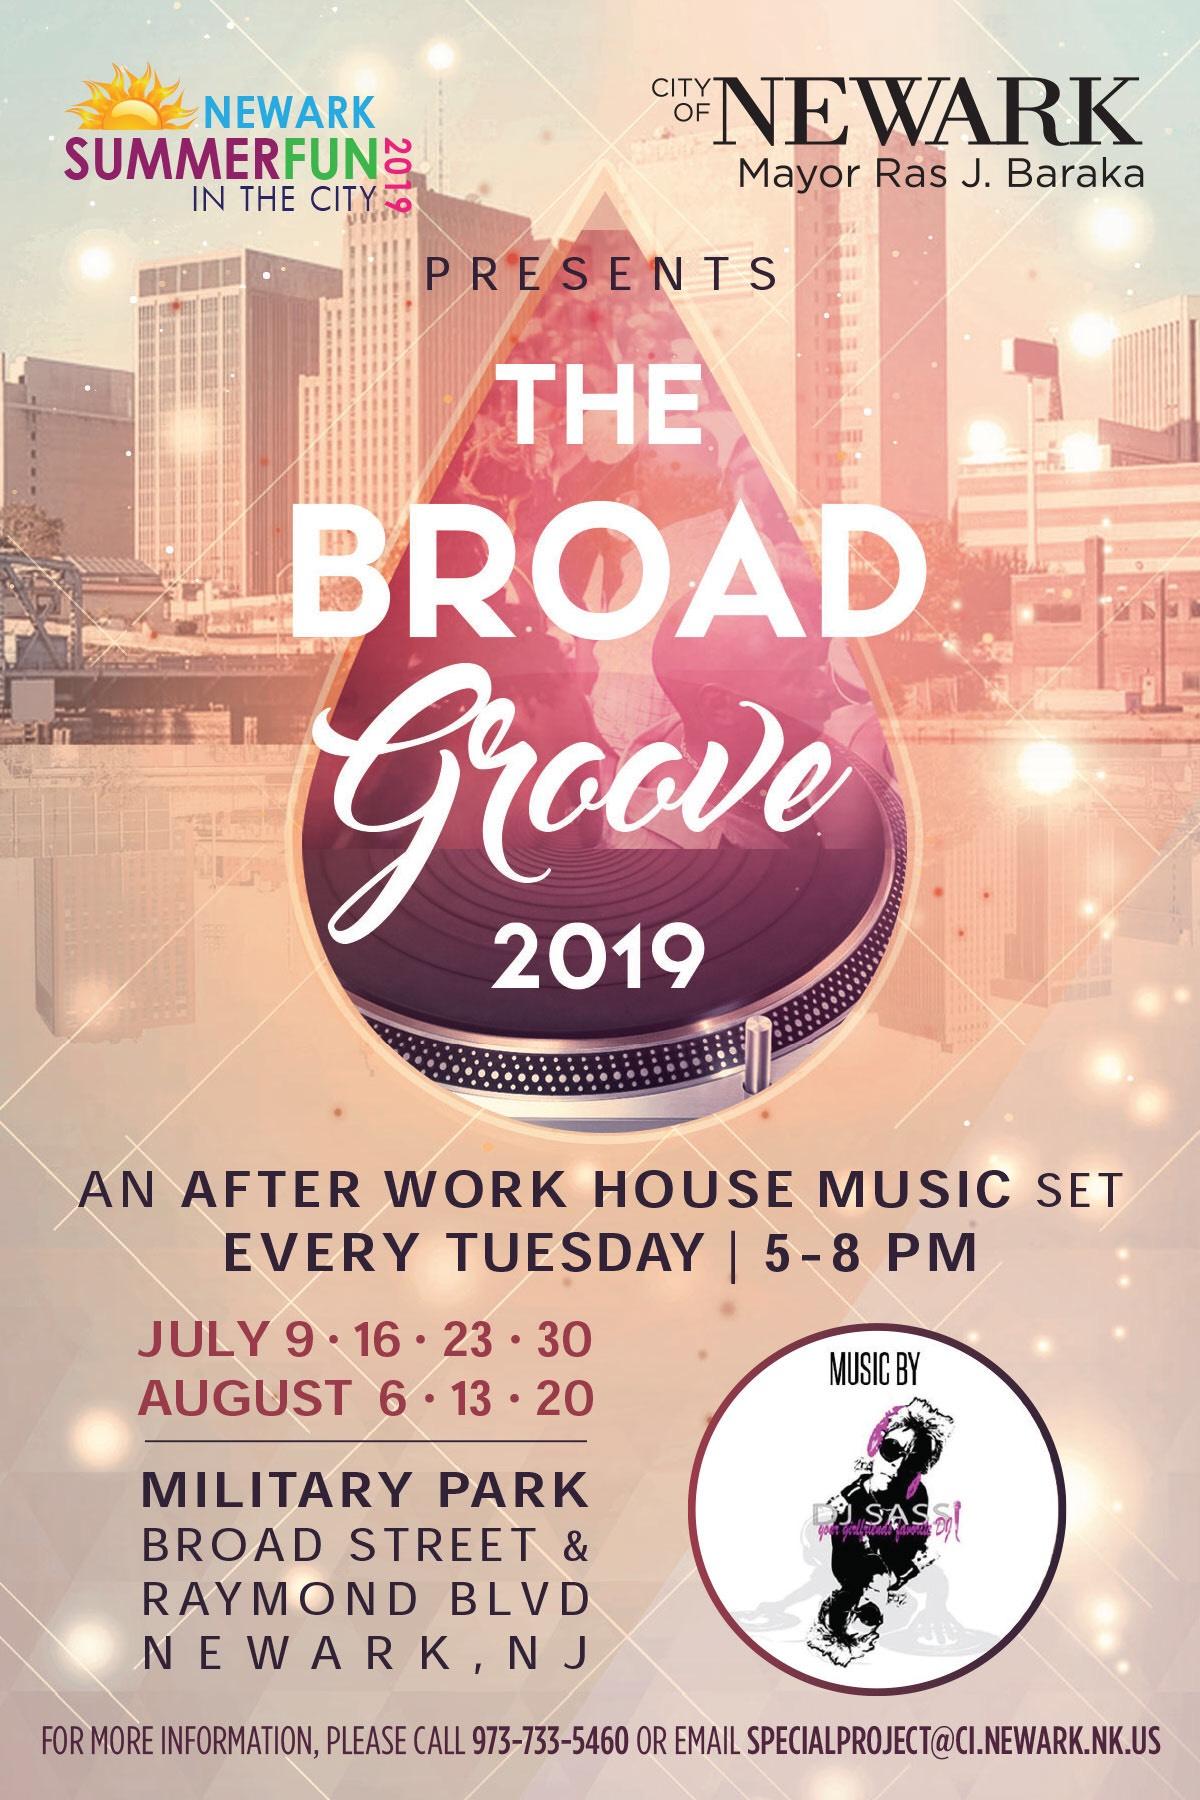 Broad Groove 2019 Flyer.jpg